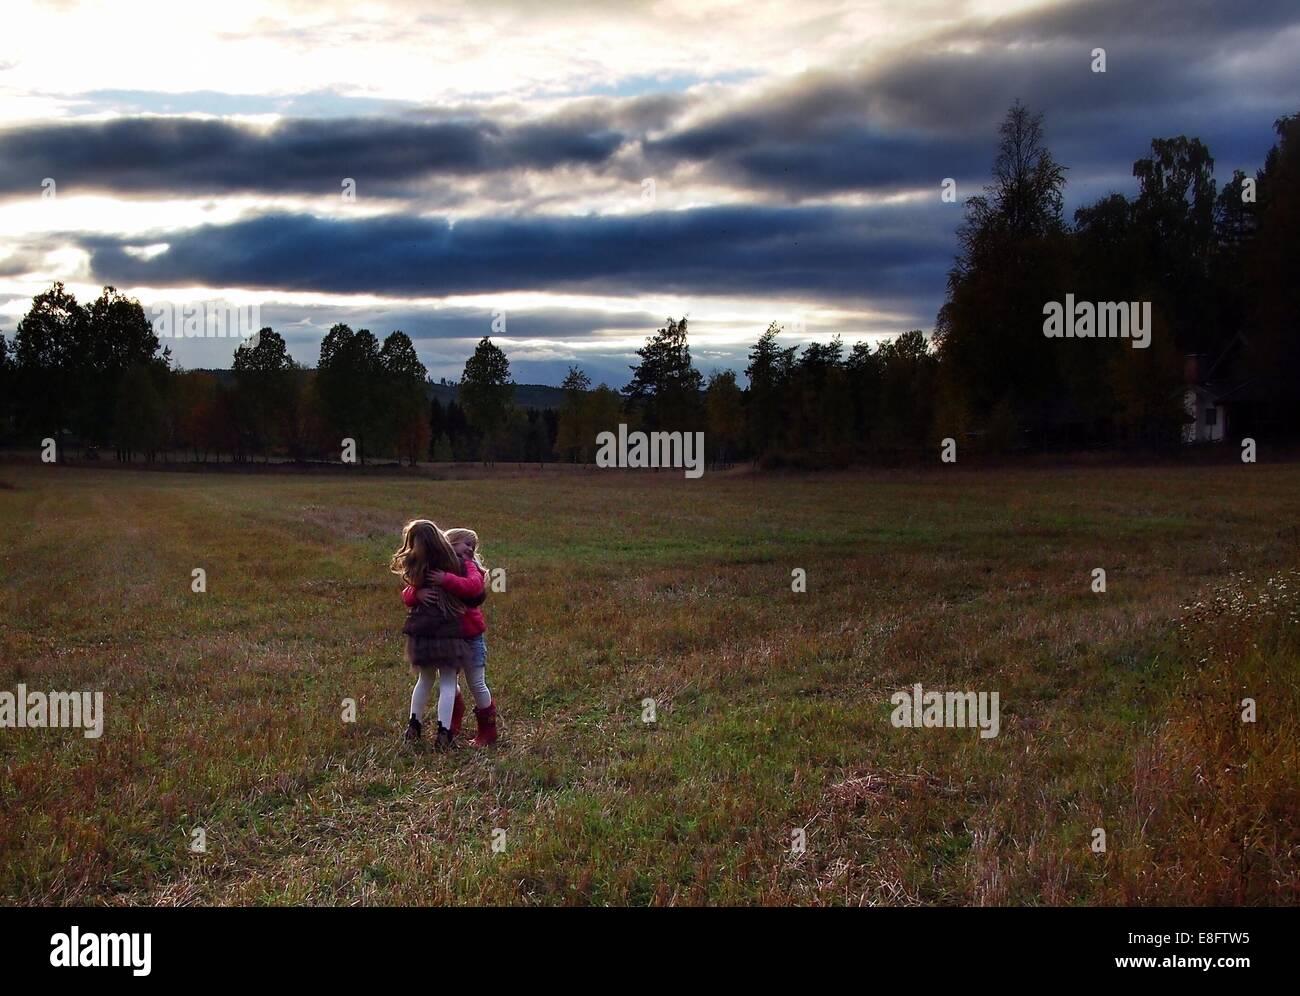 Suecia, dos niñas (6-7 años, 8-9 años) abrazando al aire libre Imagen De Stock